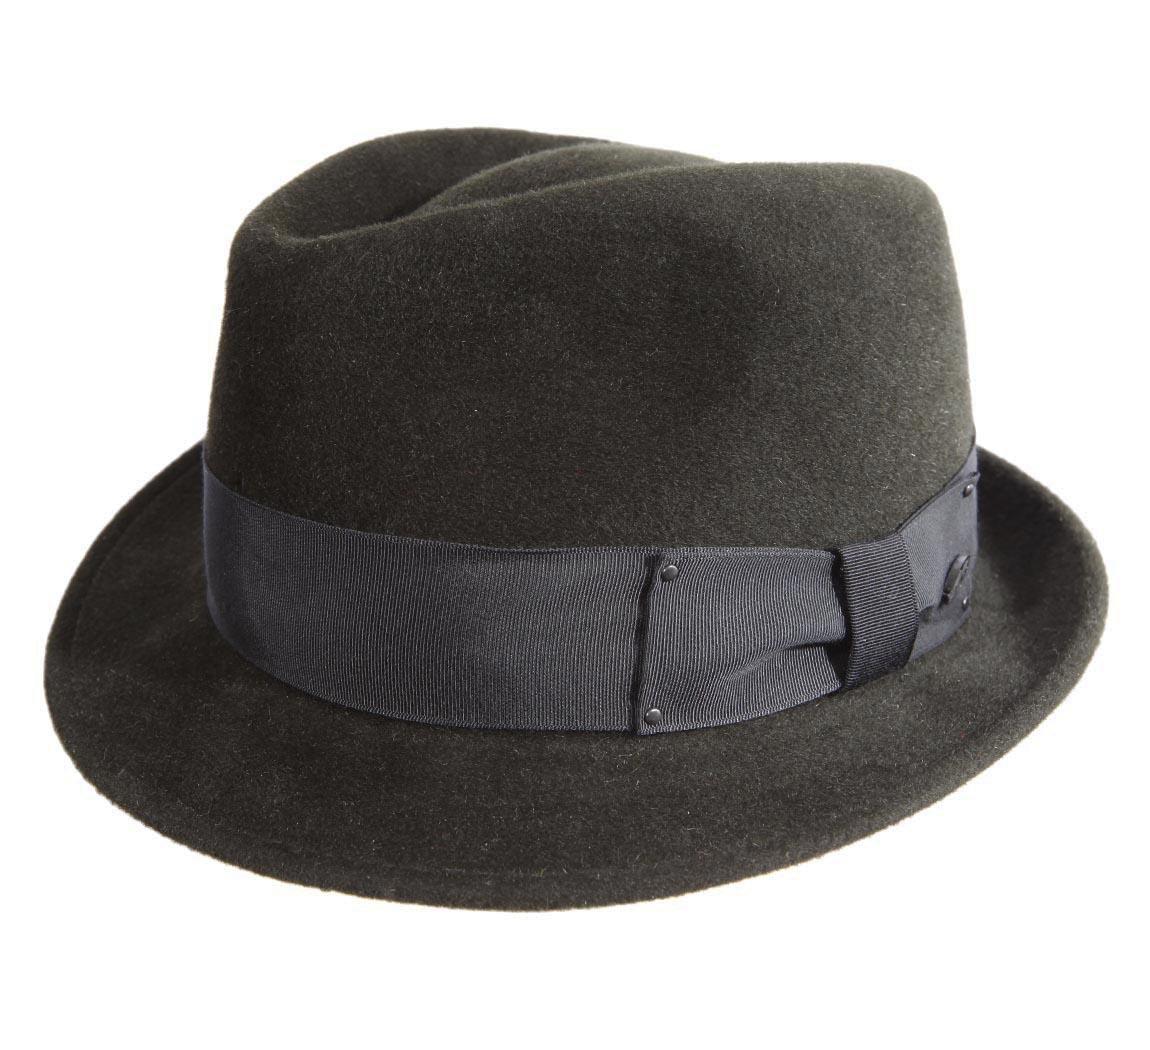 chapeau de marque augustin chapeau. Black Bedroom Furniture Sets. Home Design Ideas